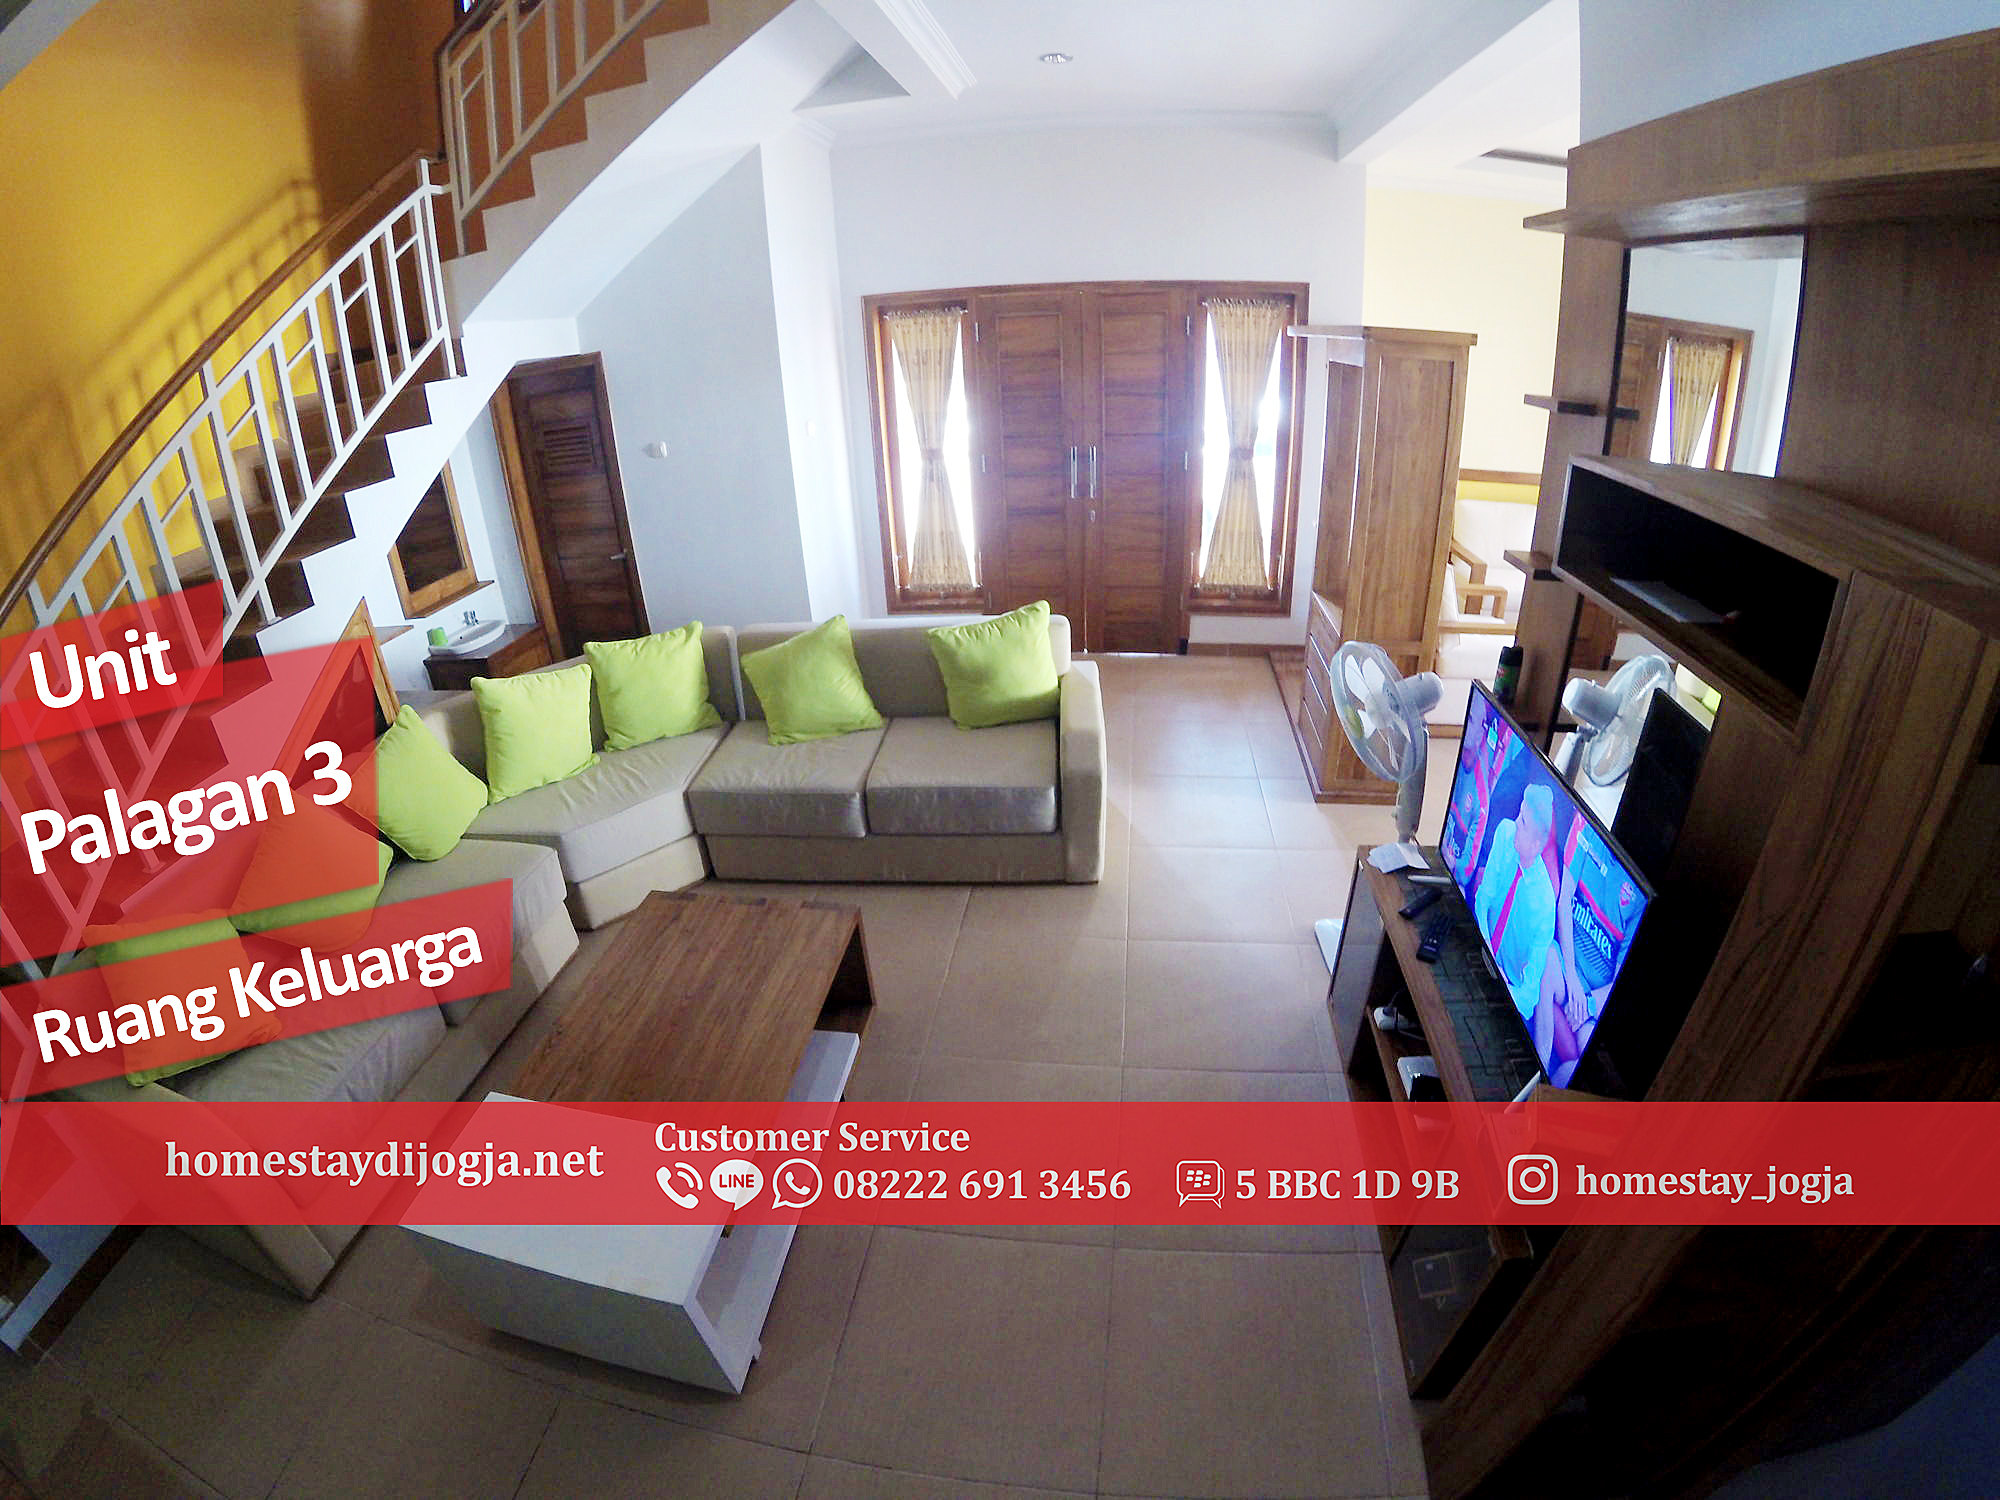 Homestay Premium 3 kamar AC dan 1 kamar Kipas Angin di Palagan km 10 menuju malioboro 30 menit